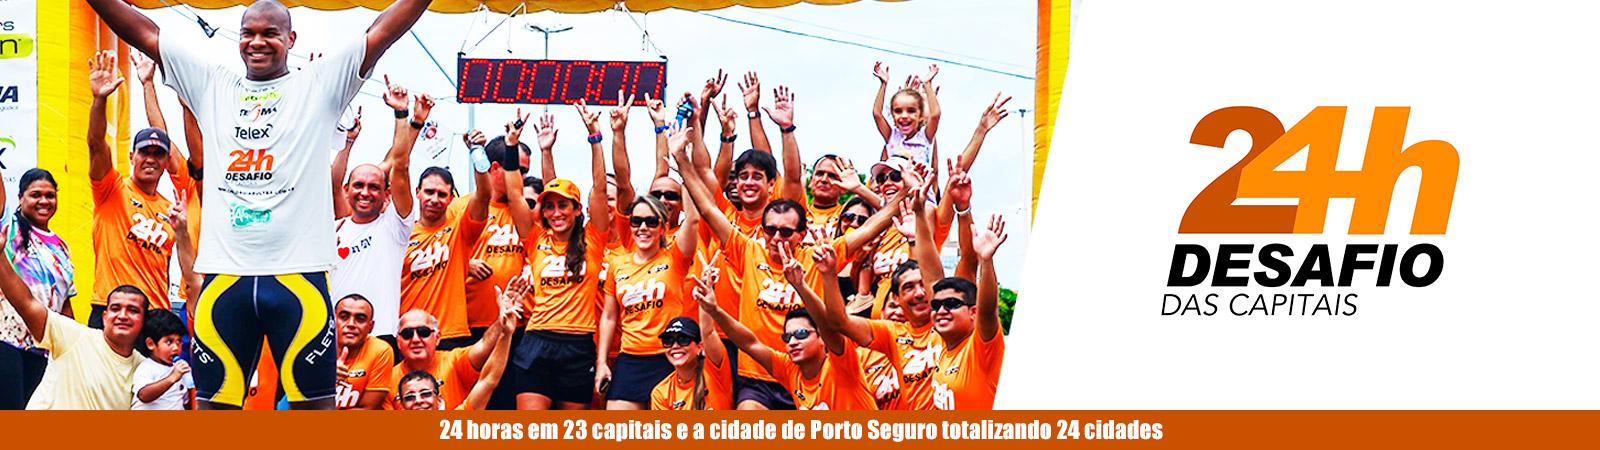 DESAFIO 24 HORAS DAS CAPITAIS - ETAPA RIO DE JANEIRO/RJ - Imagem de topo